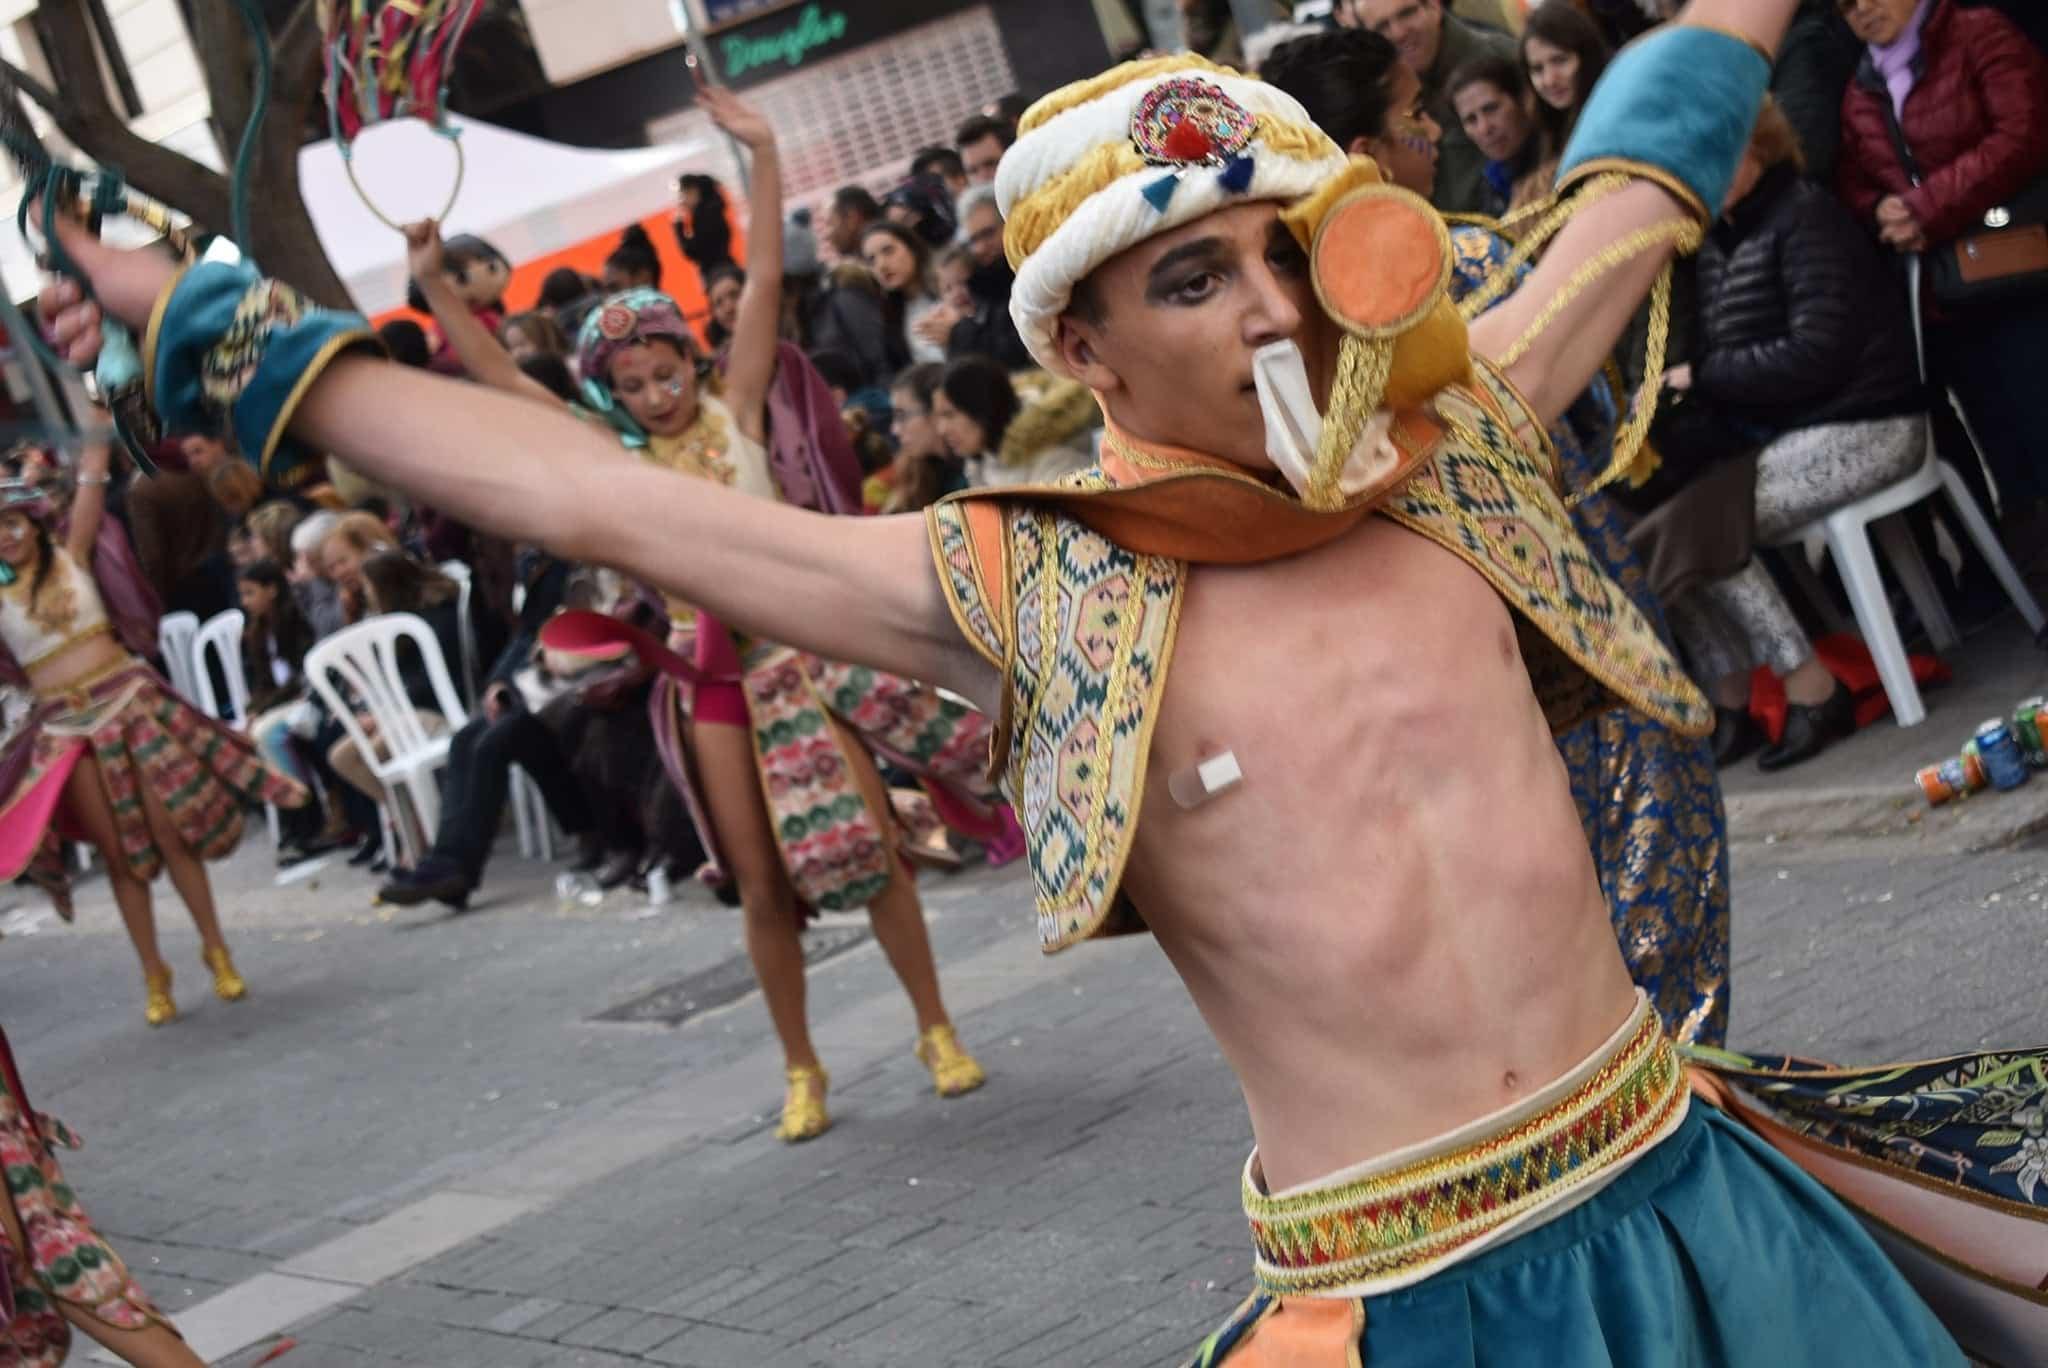 Carnaval de ciudad real 2020 axonsou arlequin oro herencia 5 - Axonsou se lleva el Arlequín de Oro en Ciudad Real